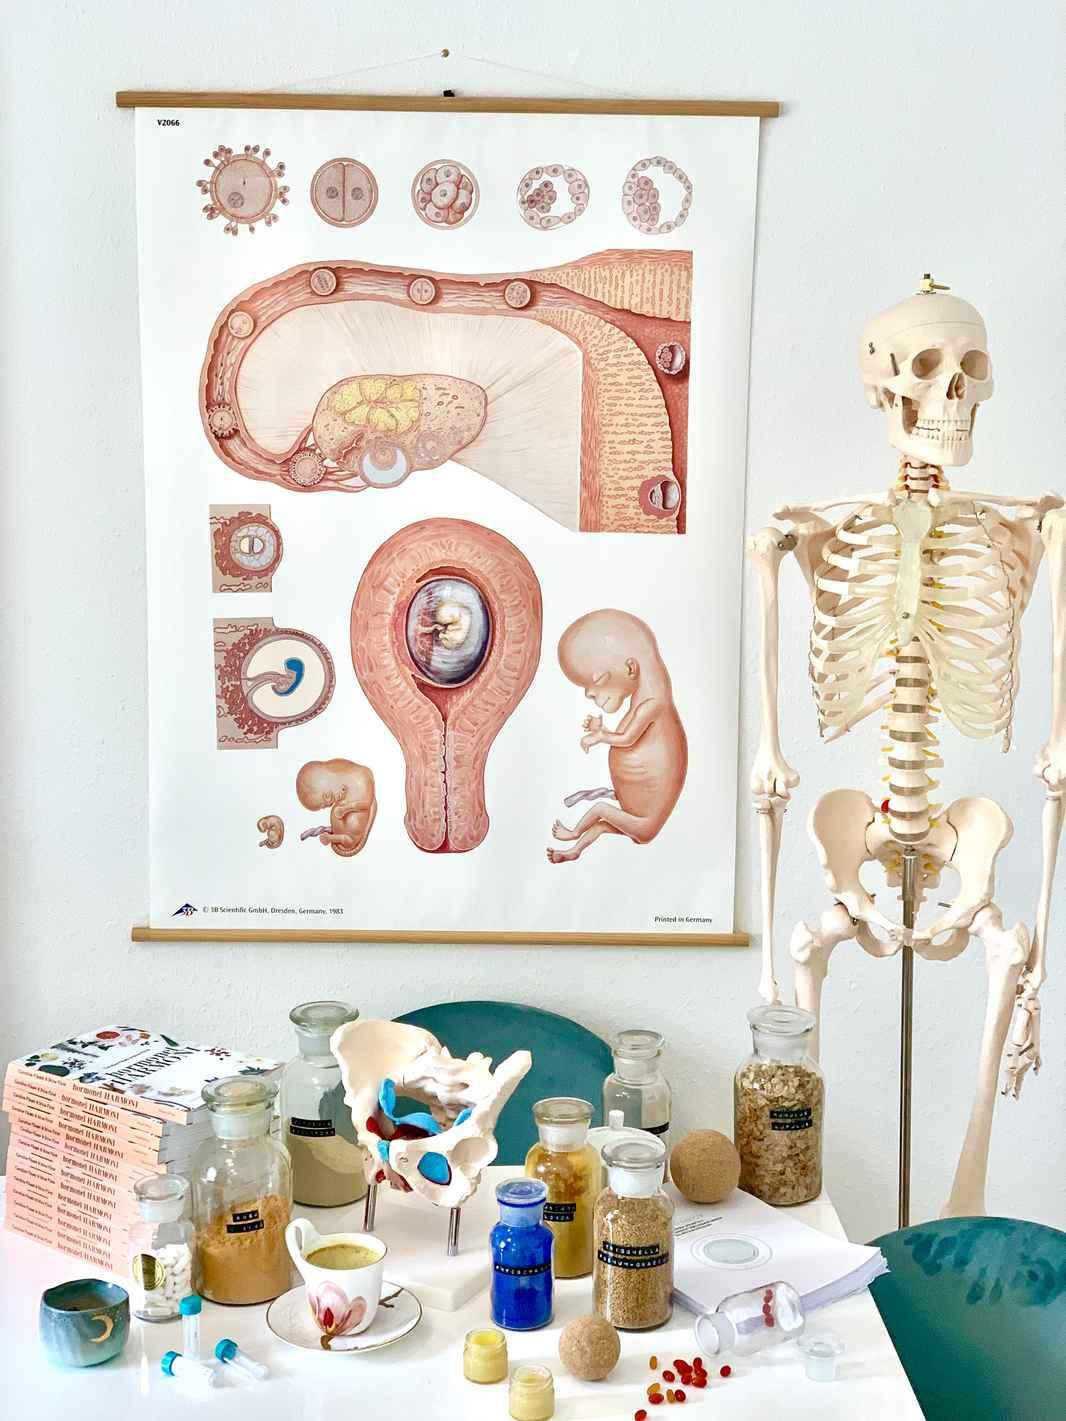 HTU Introduktion til hormonterapi anatomi urter